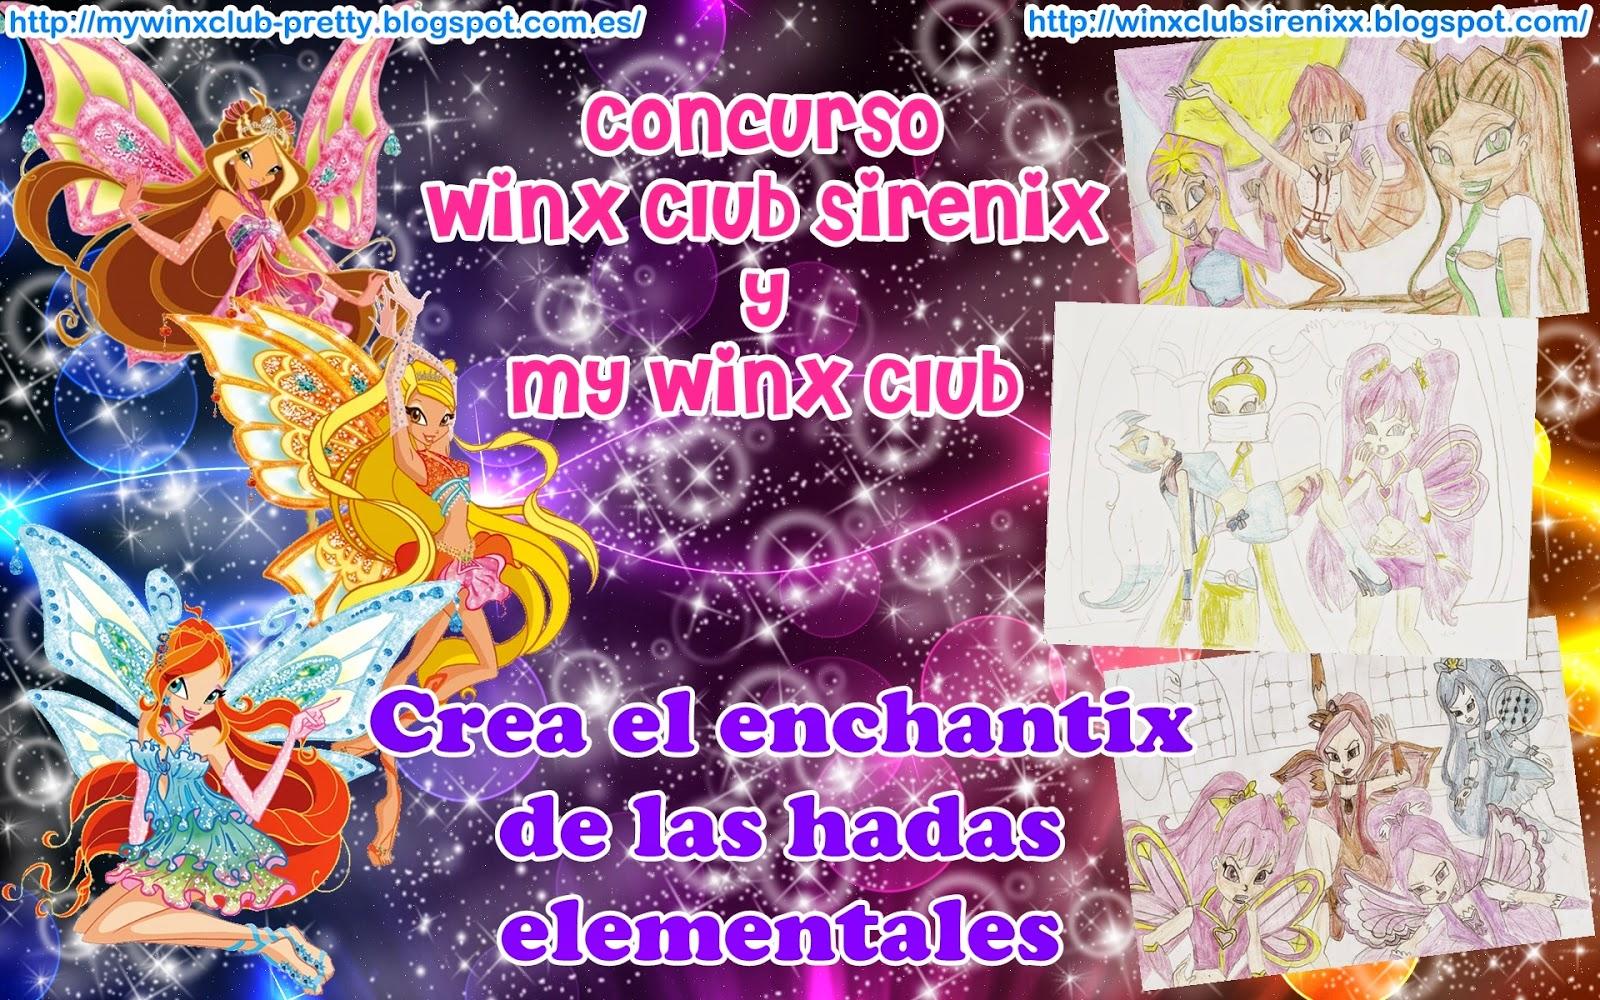 Cartoni di winx sirenix in italiano